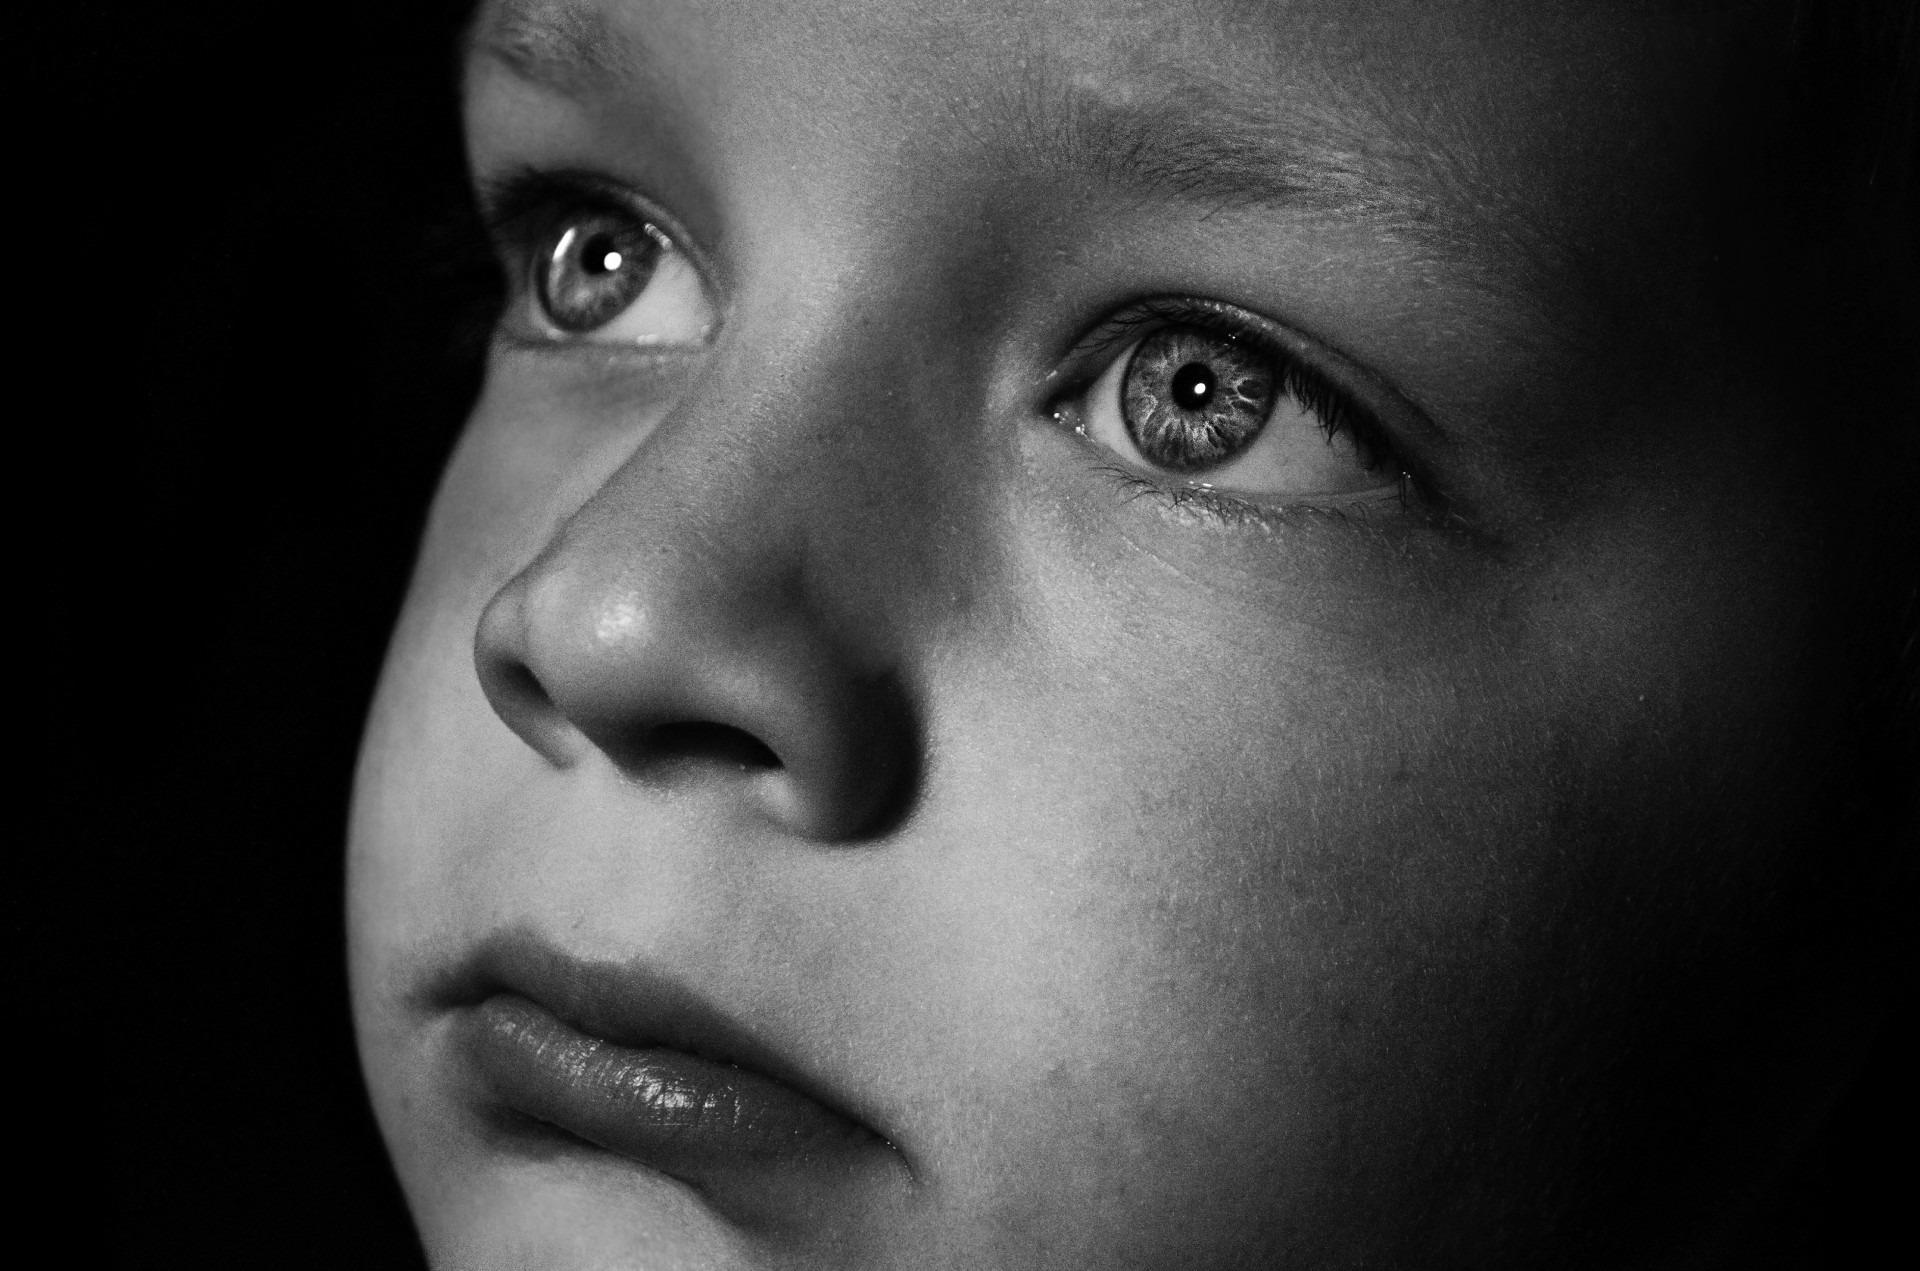 Gambar Orang Hitam Dan Putih Orang Orang Gadis Anak Laki Laki Anak Sendirian Kesedihan Model Kegelapan Satu Warna Raut Wajah Tersenyum Merapatkan Tubuh Manusia Sedih Menghadapi Hidung Bayangan Anak Anak Latar Belakang Kepala Kulit